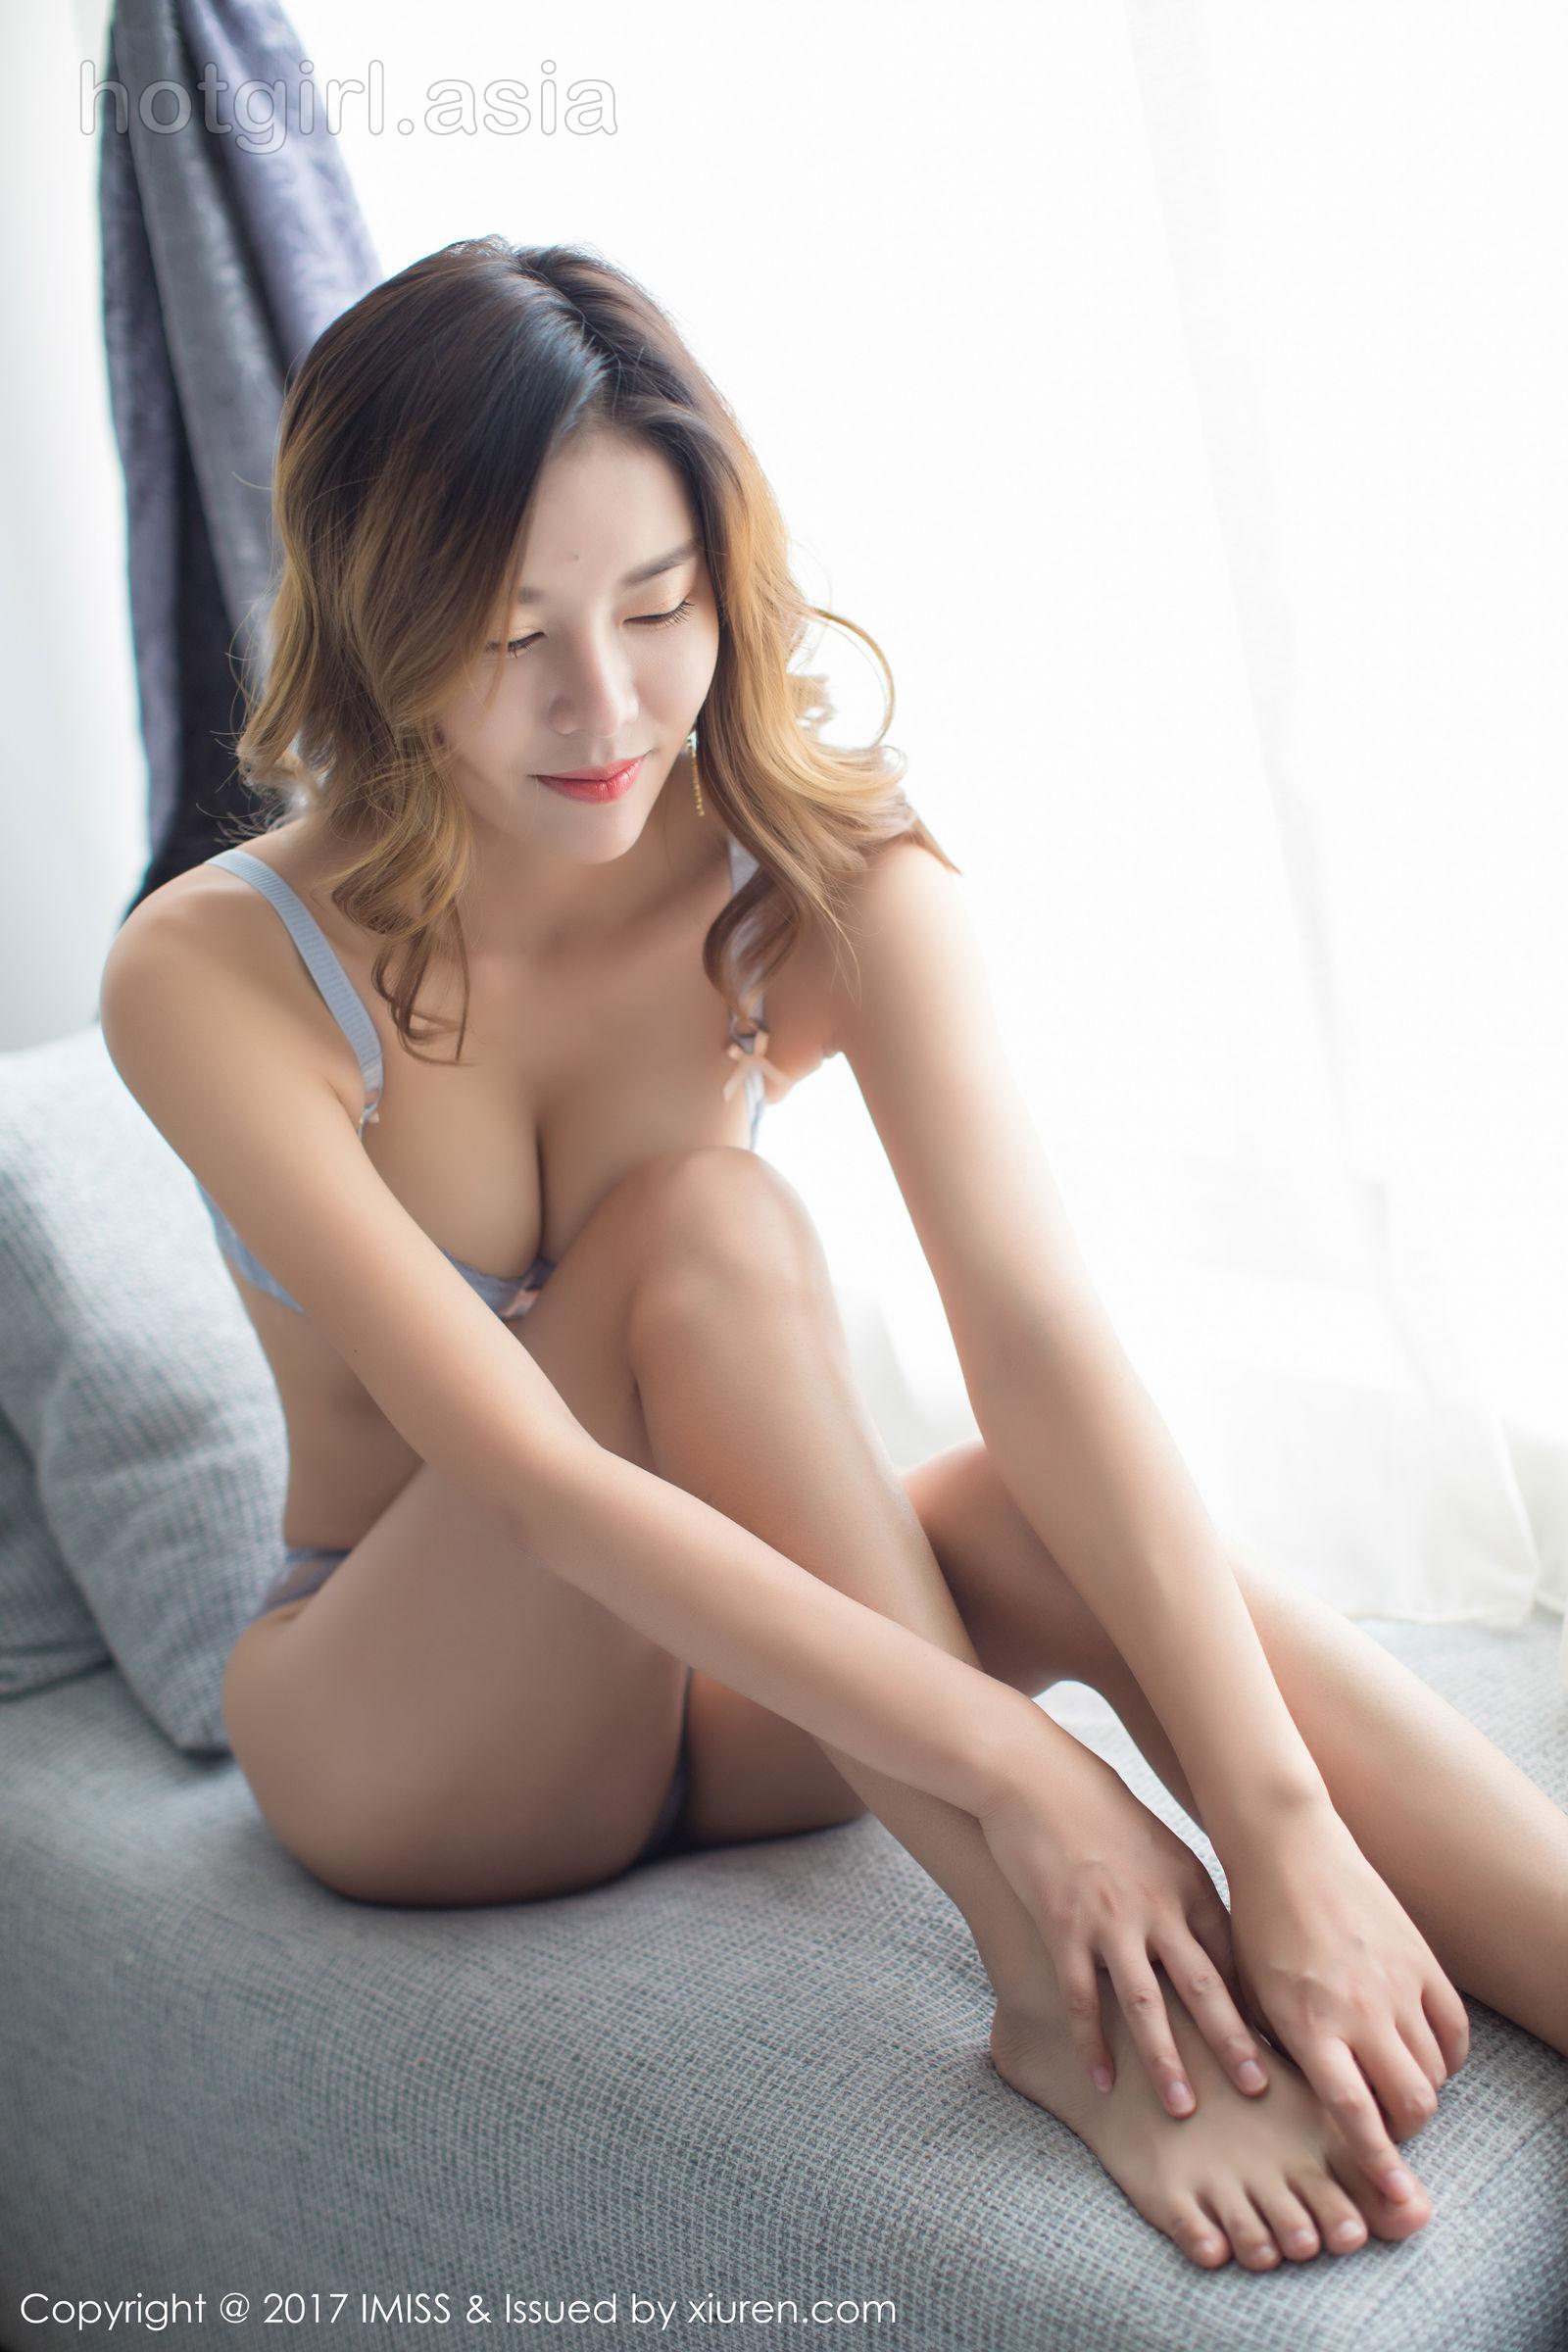 [IMiss 爱 蜜 社] Vol.200 Yiyi Yiyi-Yu Jie type beauty